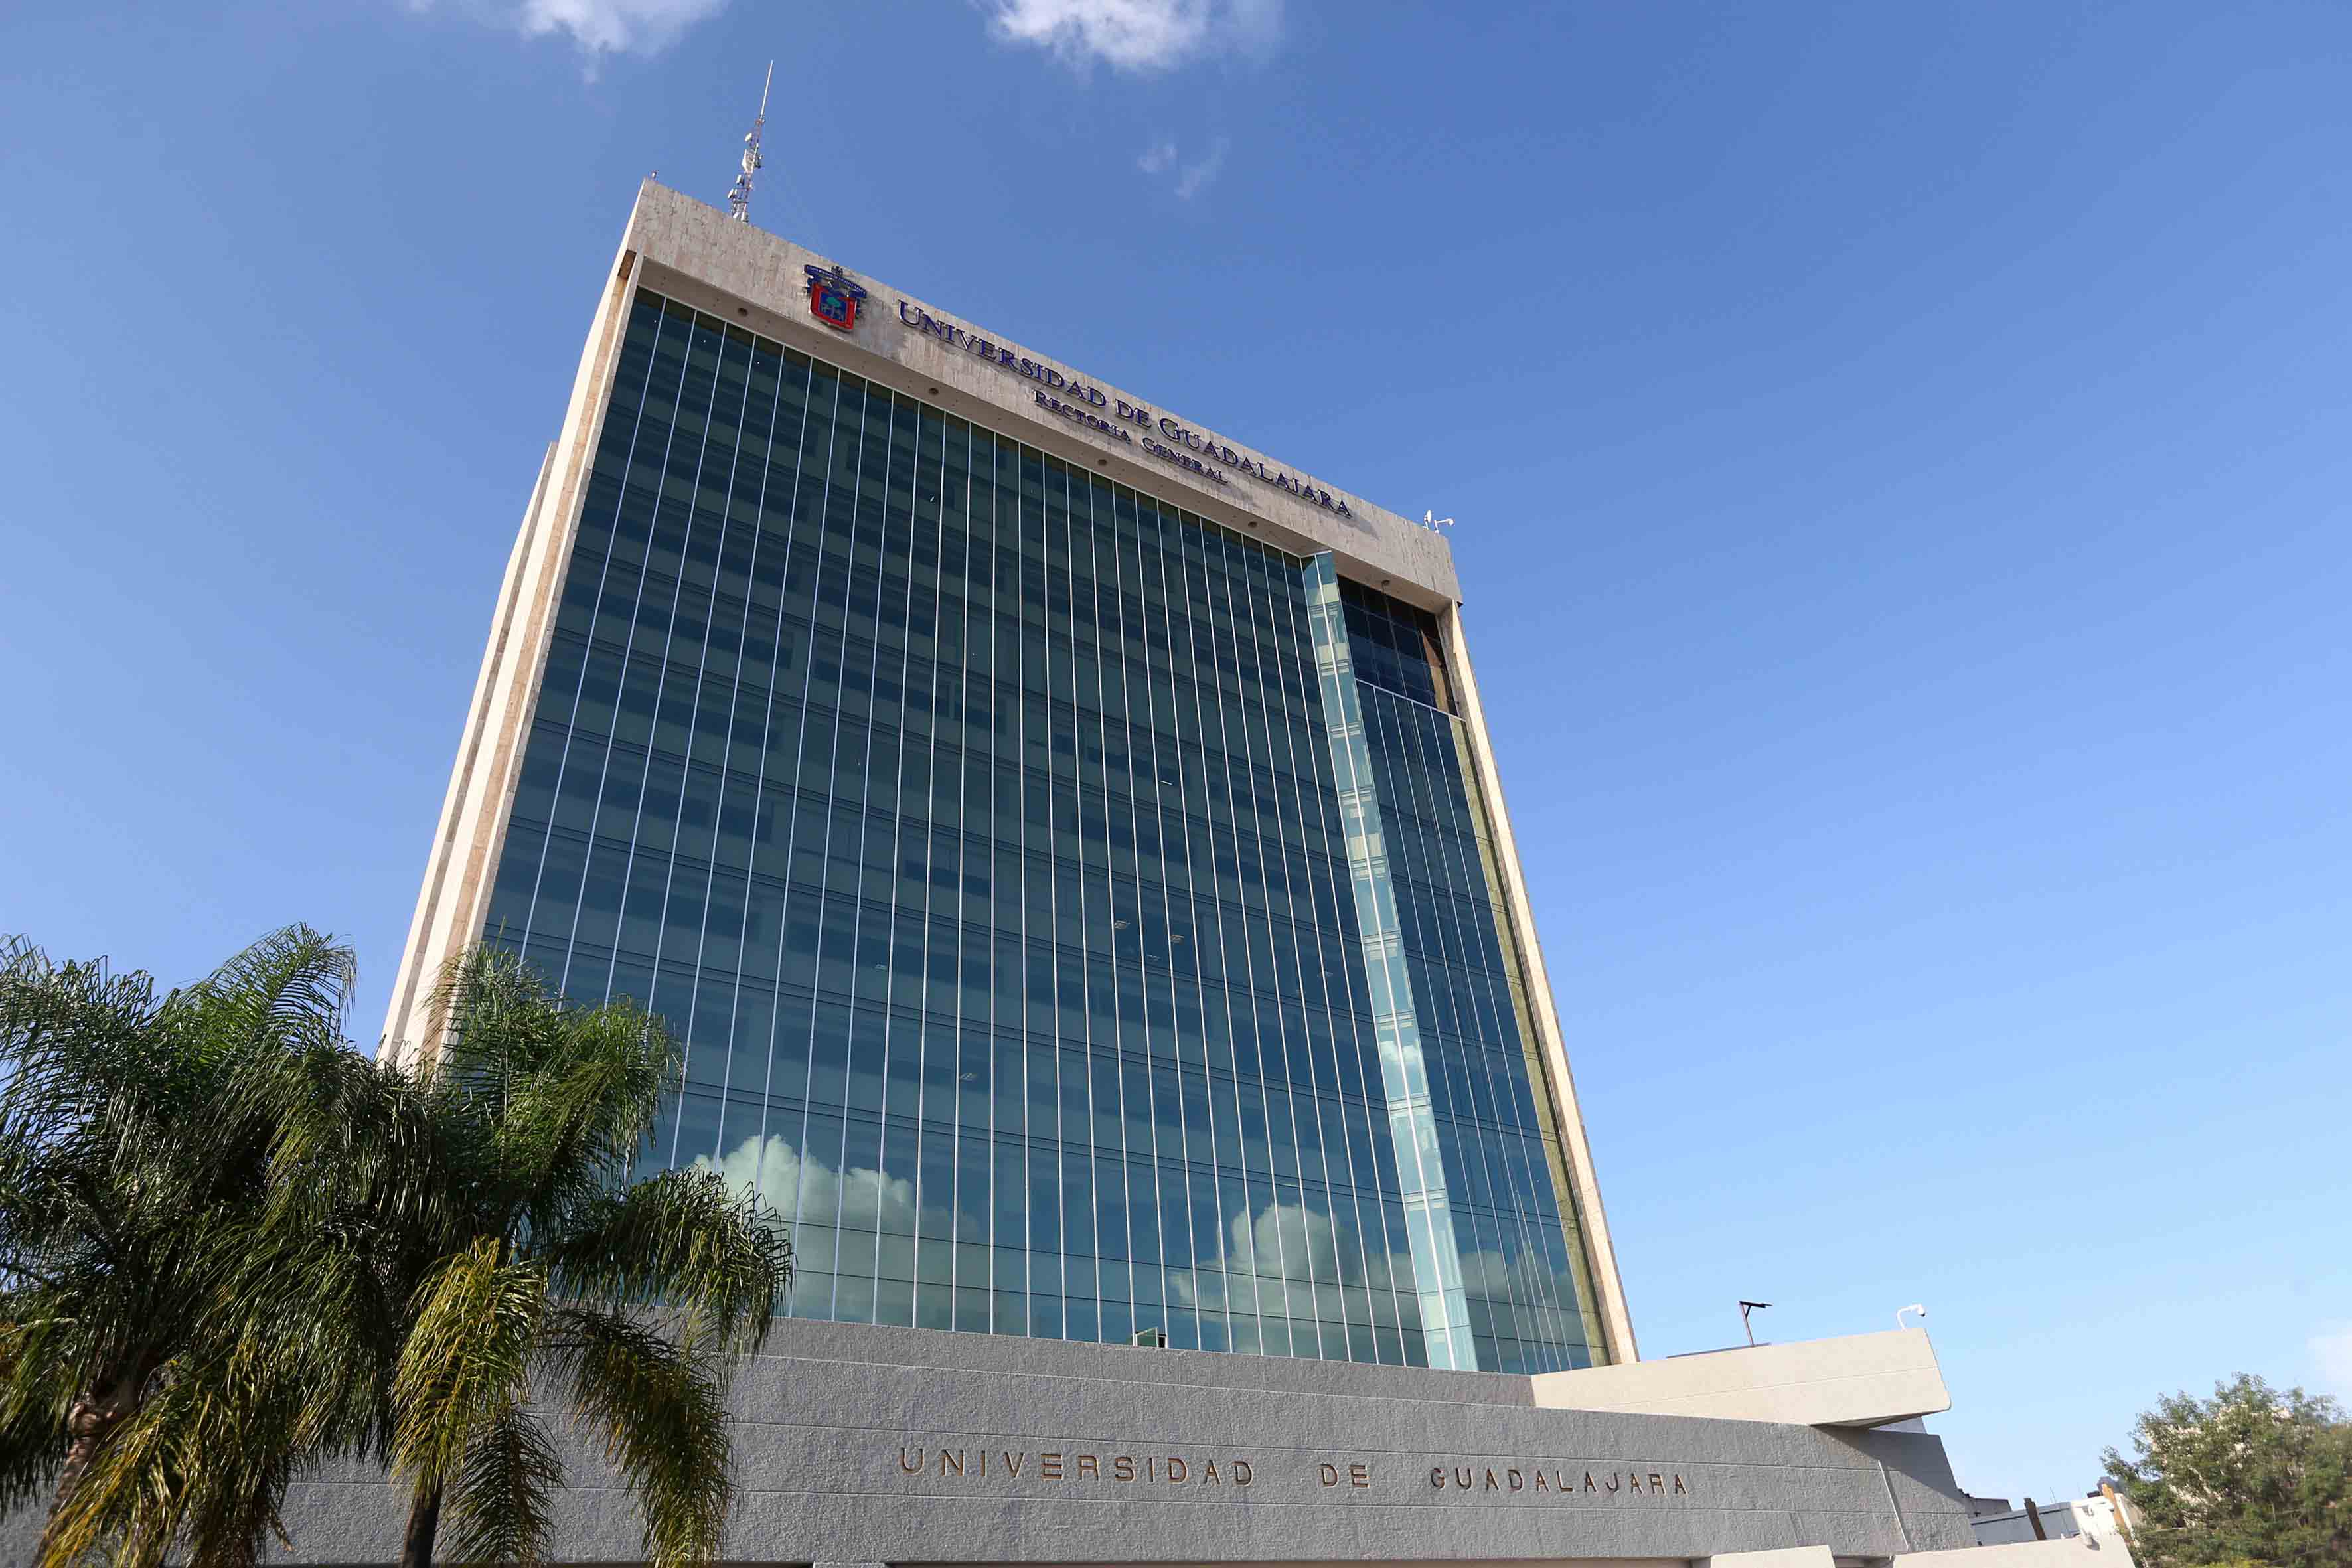 Edificio de Rectoria General de la Universidad de Guadalajara